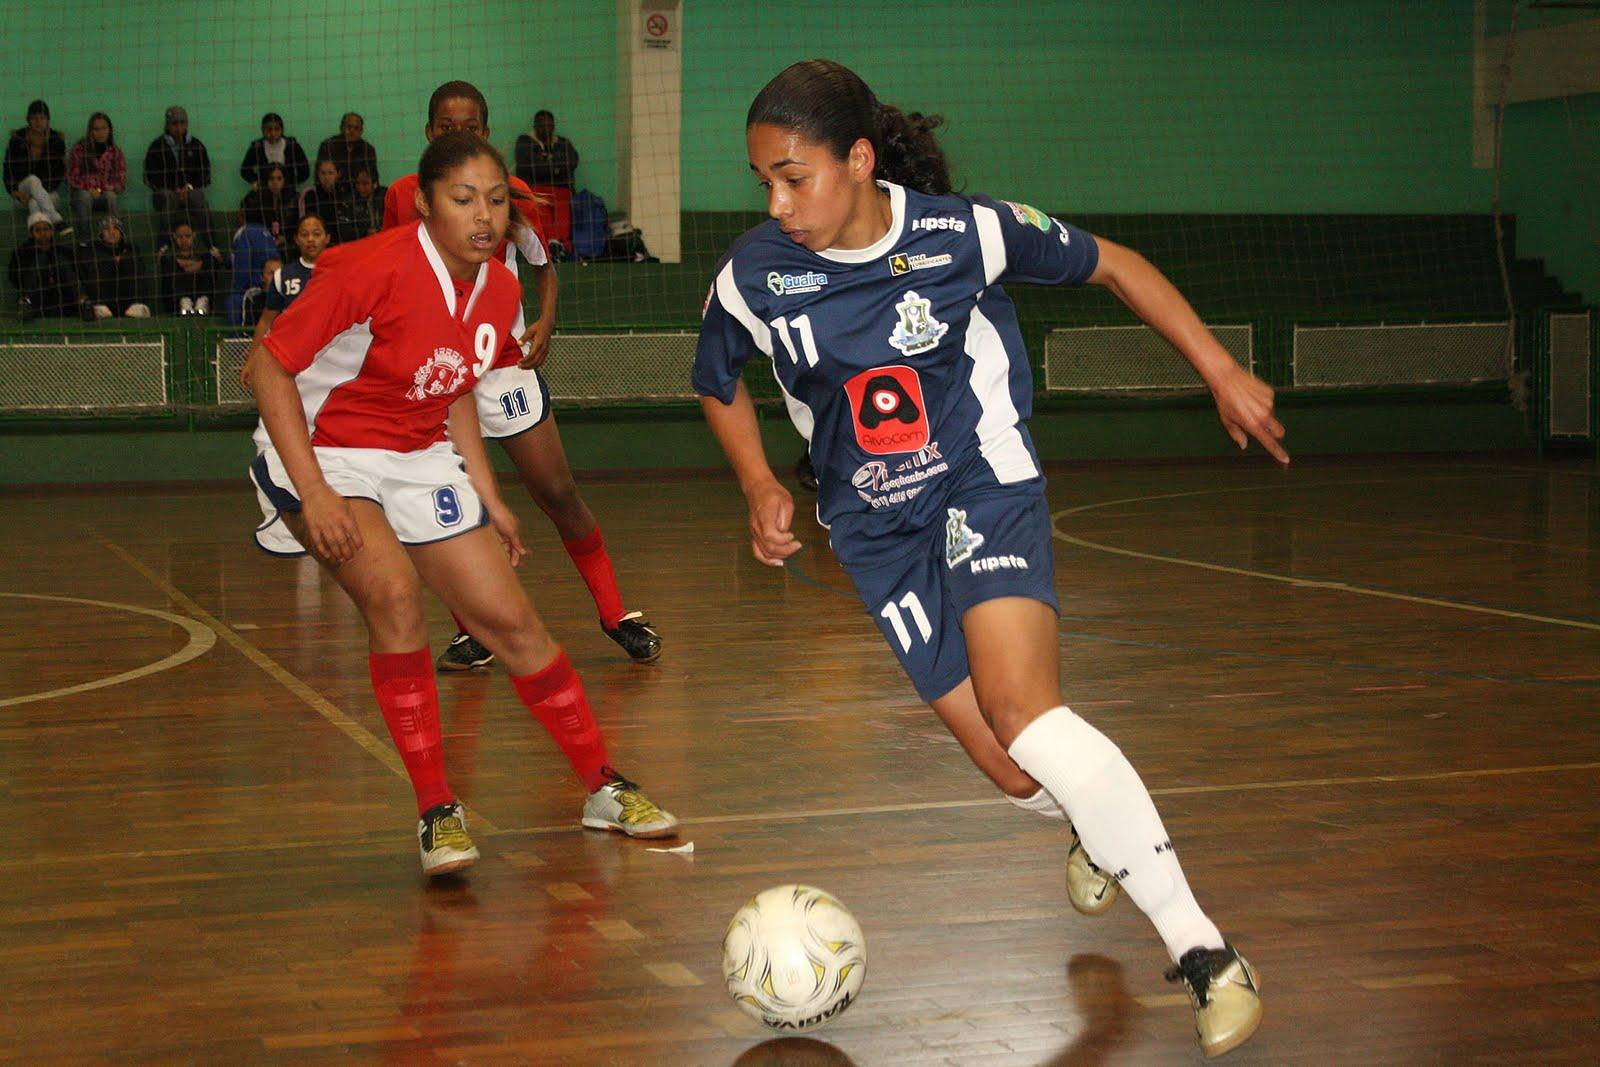 A equipe de futsal feminino Sub 21 da Kurdana Cotia ficou com o  vice-campeonato na Segunda Divisão dos Jogos Regionais de Santo André. Após  passar ... ba42ed9c757ed